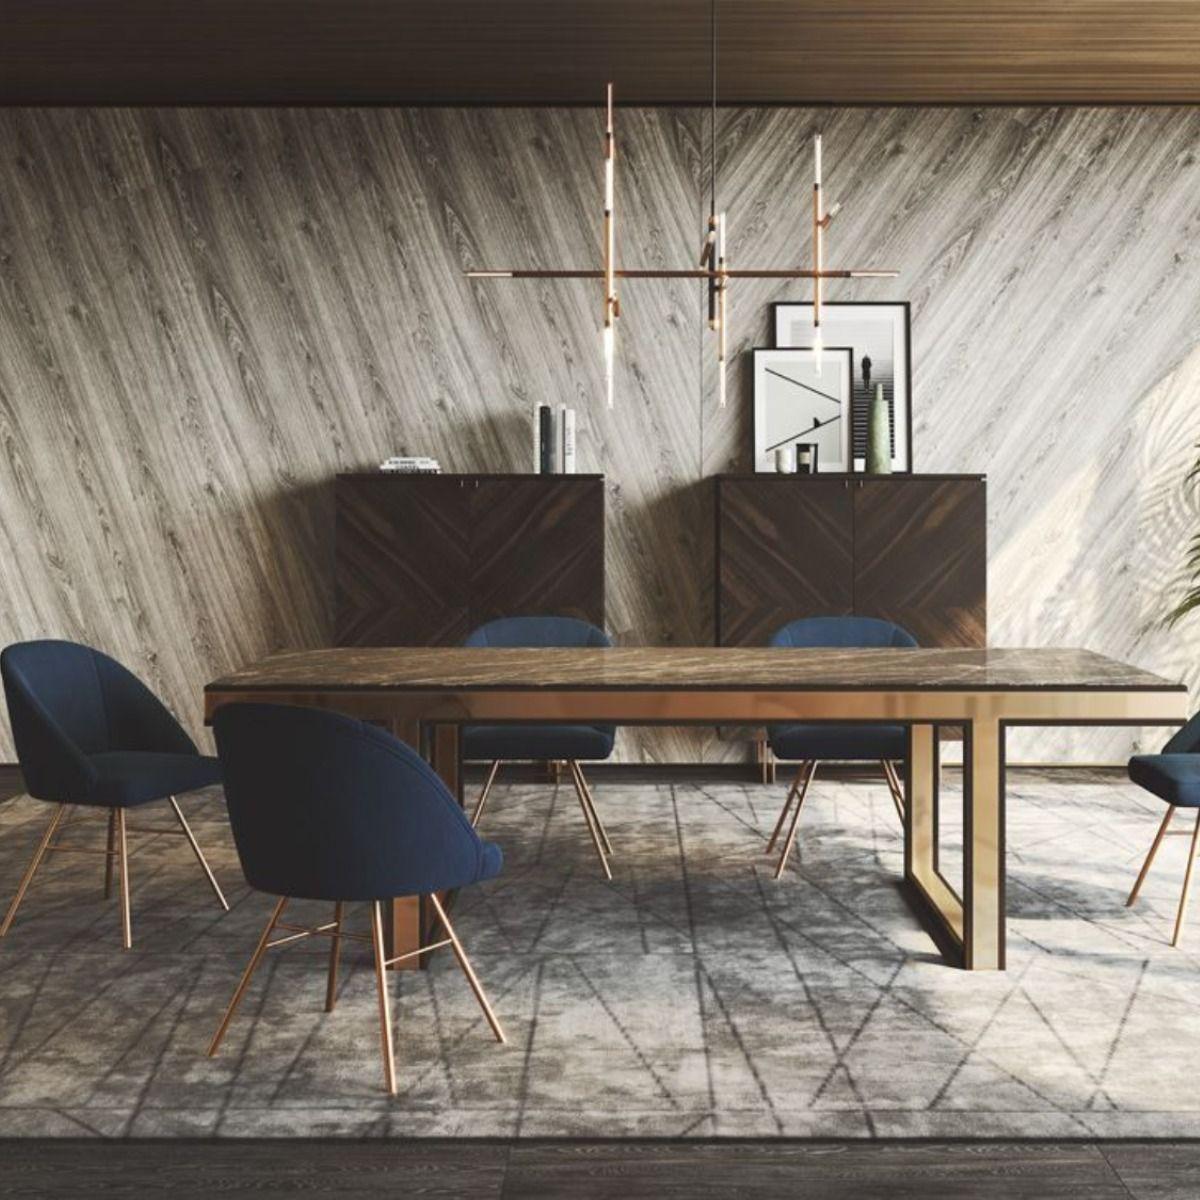 Table A Manger Beryl Laskasas En 2020 Mobilier De Salon Table A Manger Meuble Design